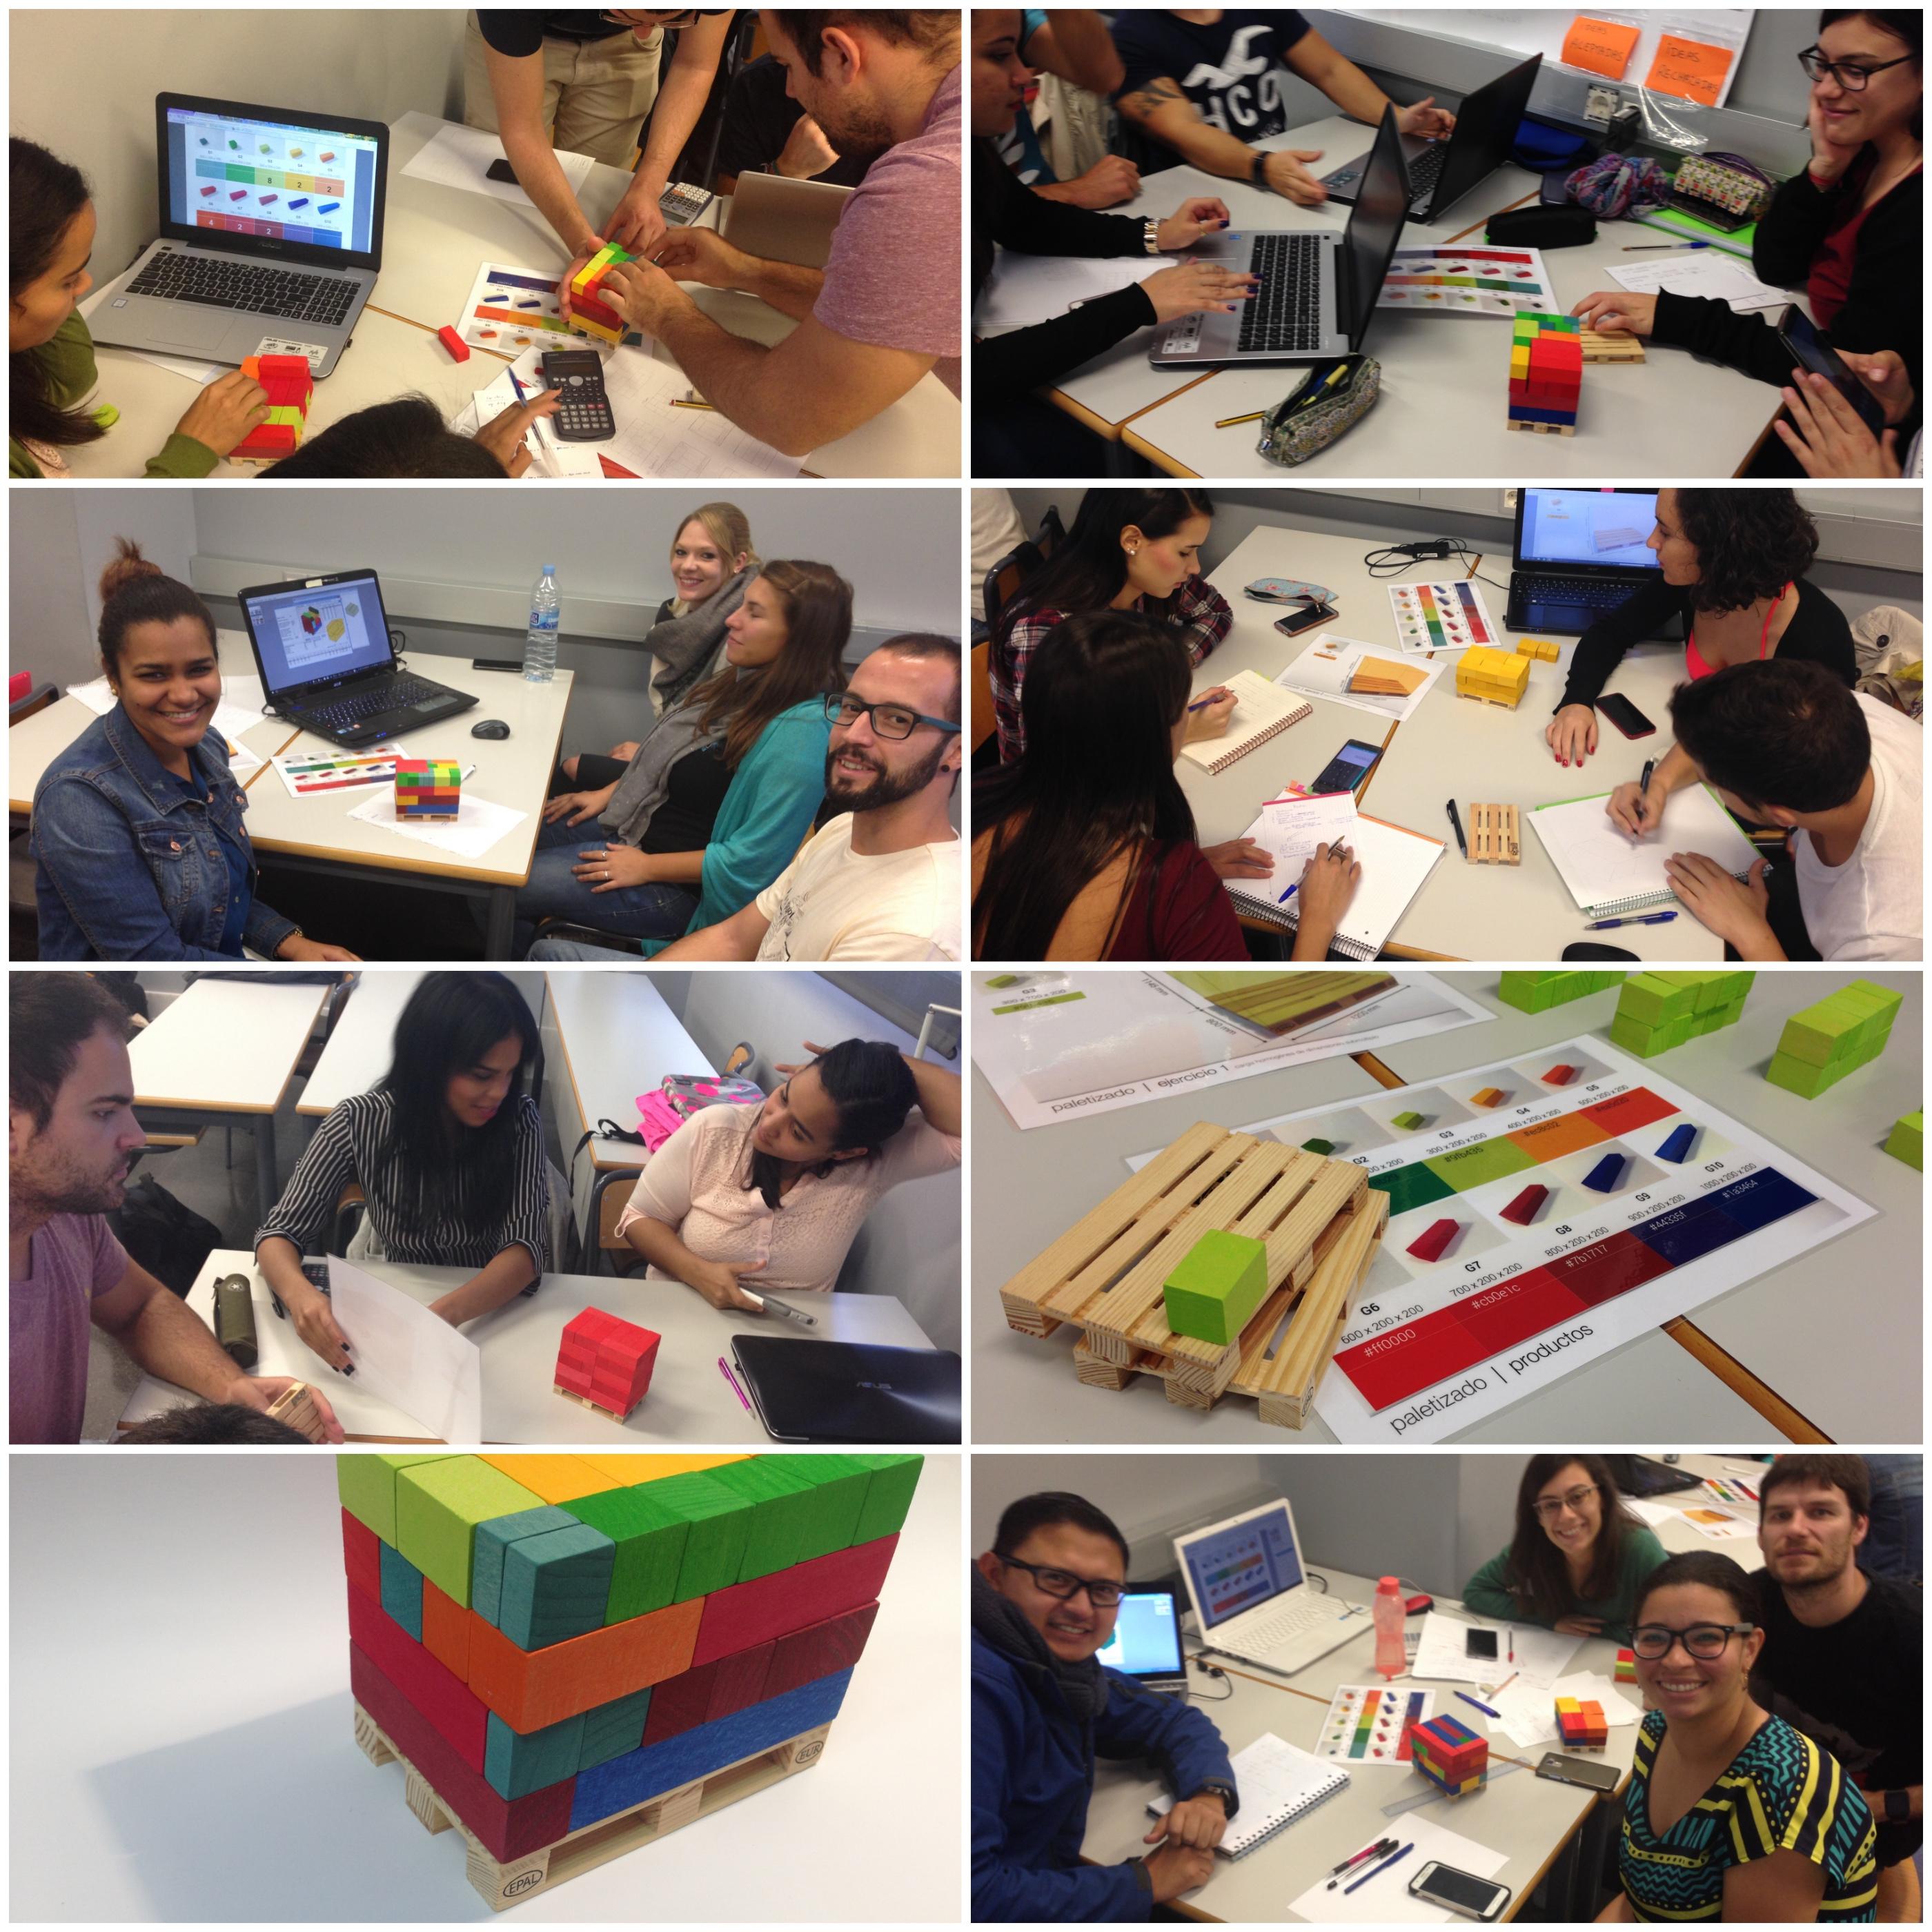 La clase inversa libera tiempo en el aula para aprender haciendo